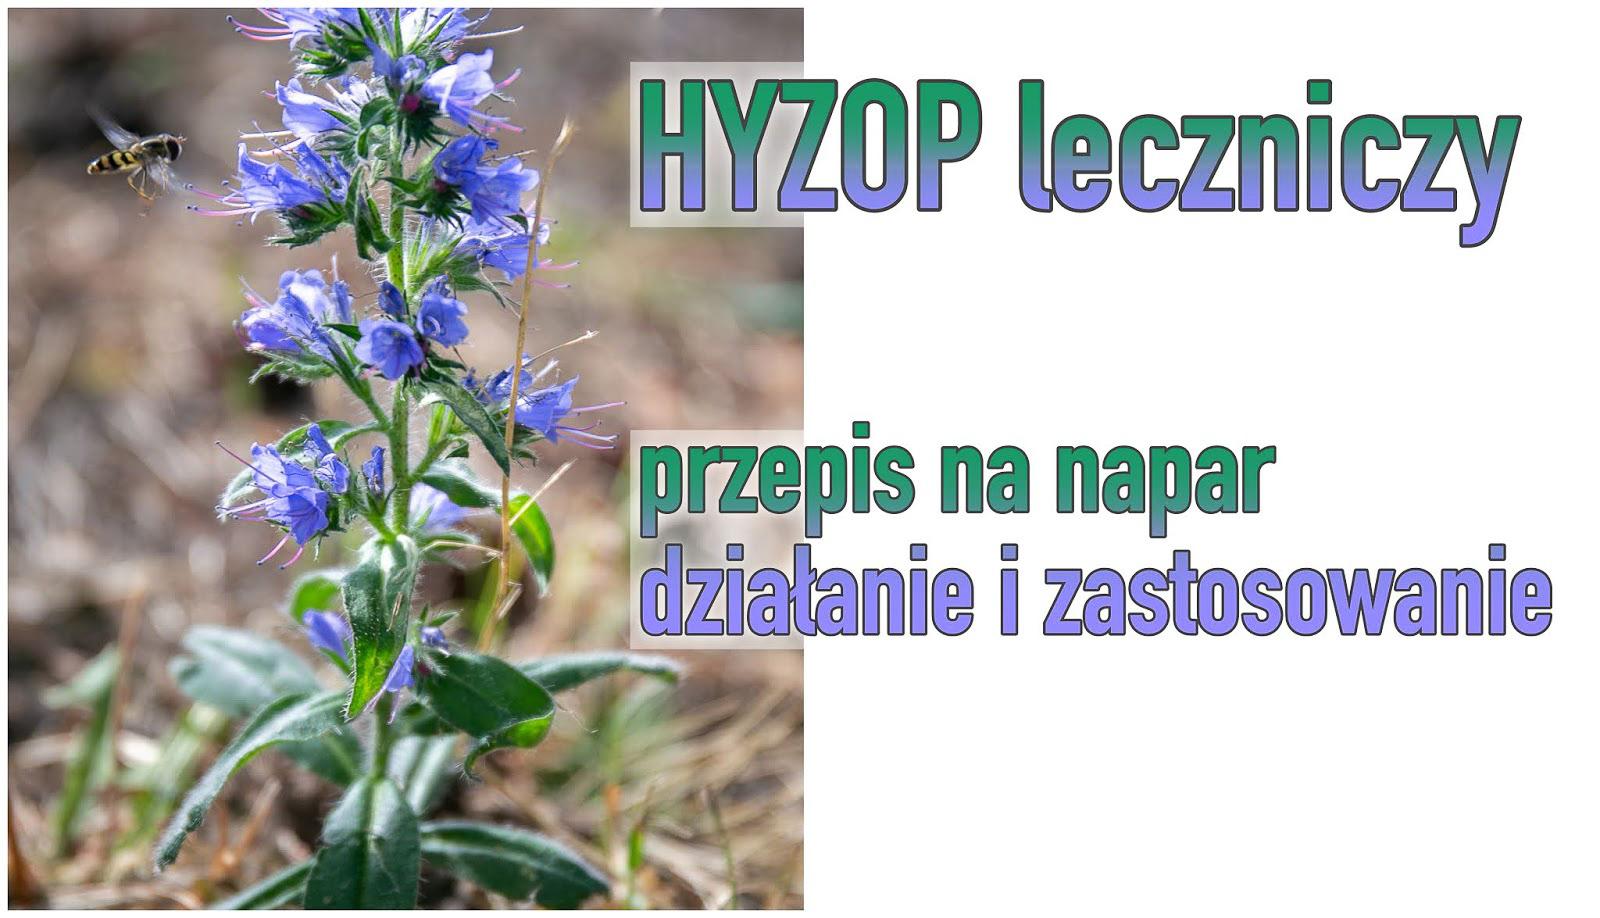 HYZOP - napar, działanie i zastosowanie